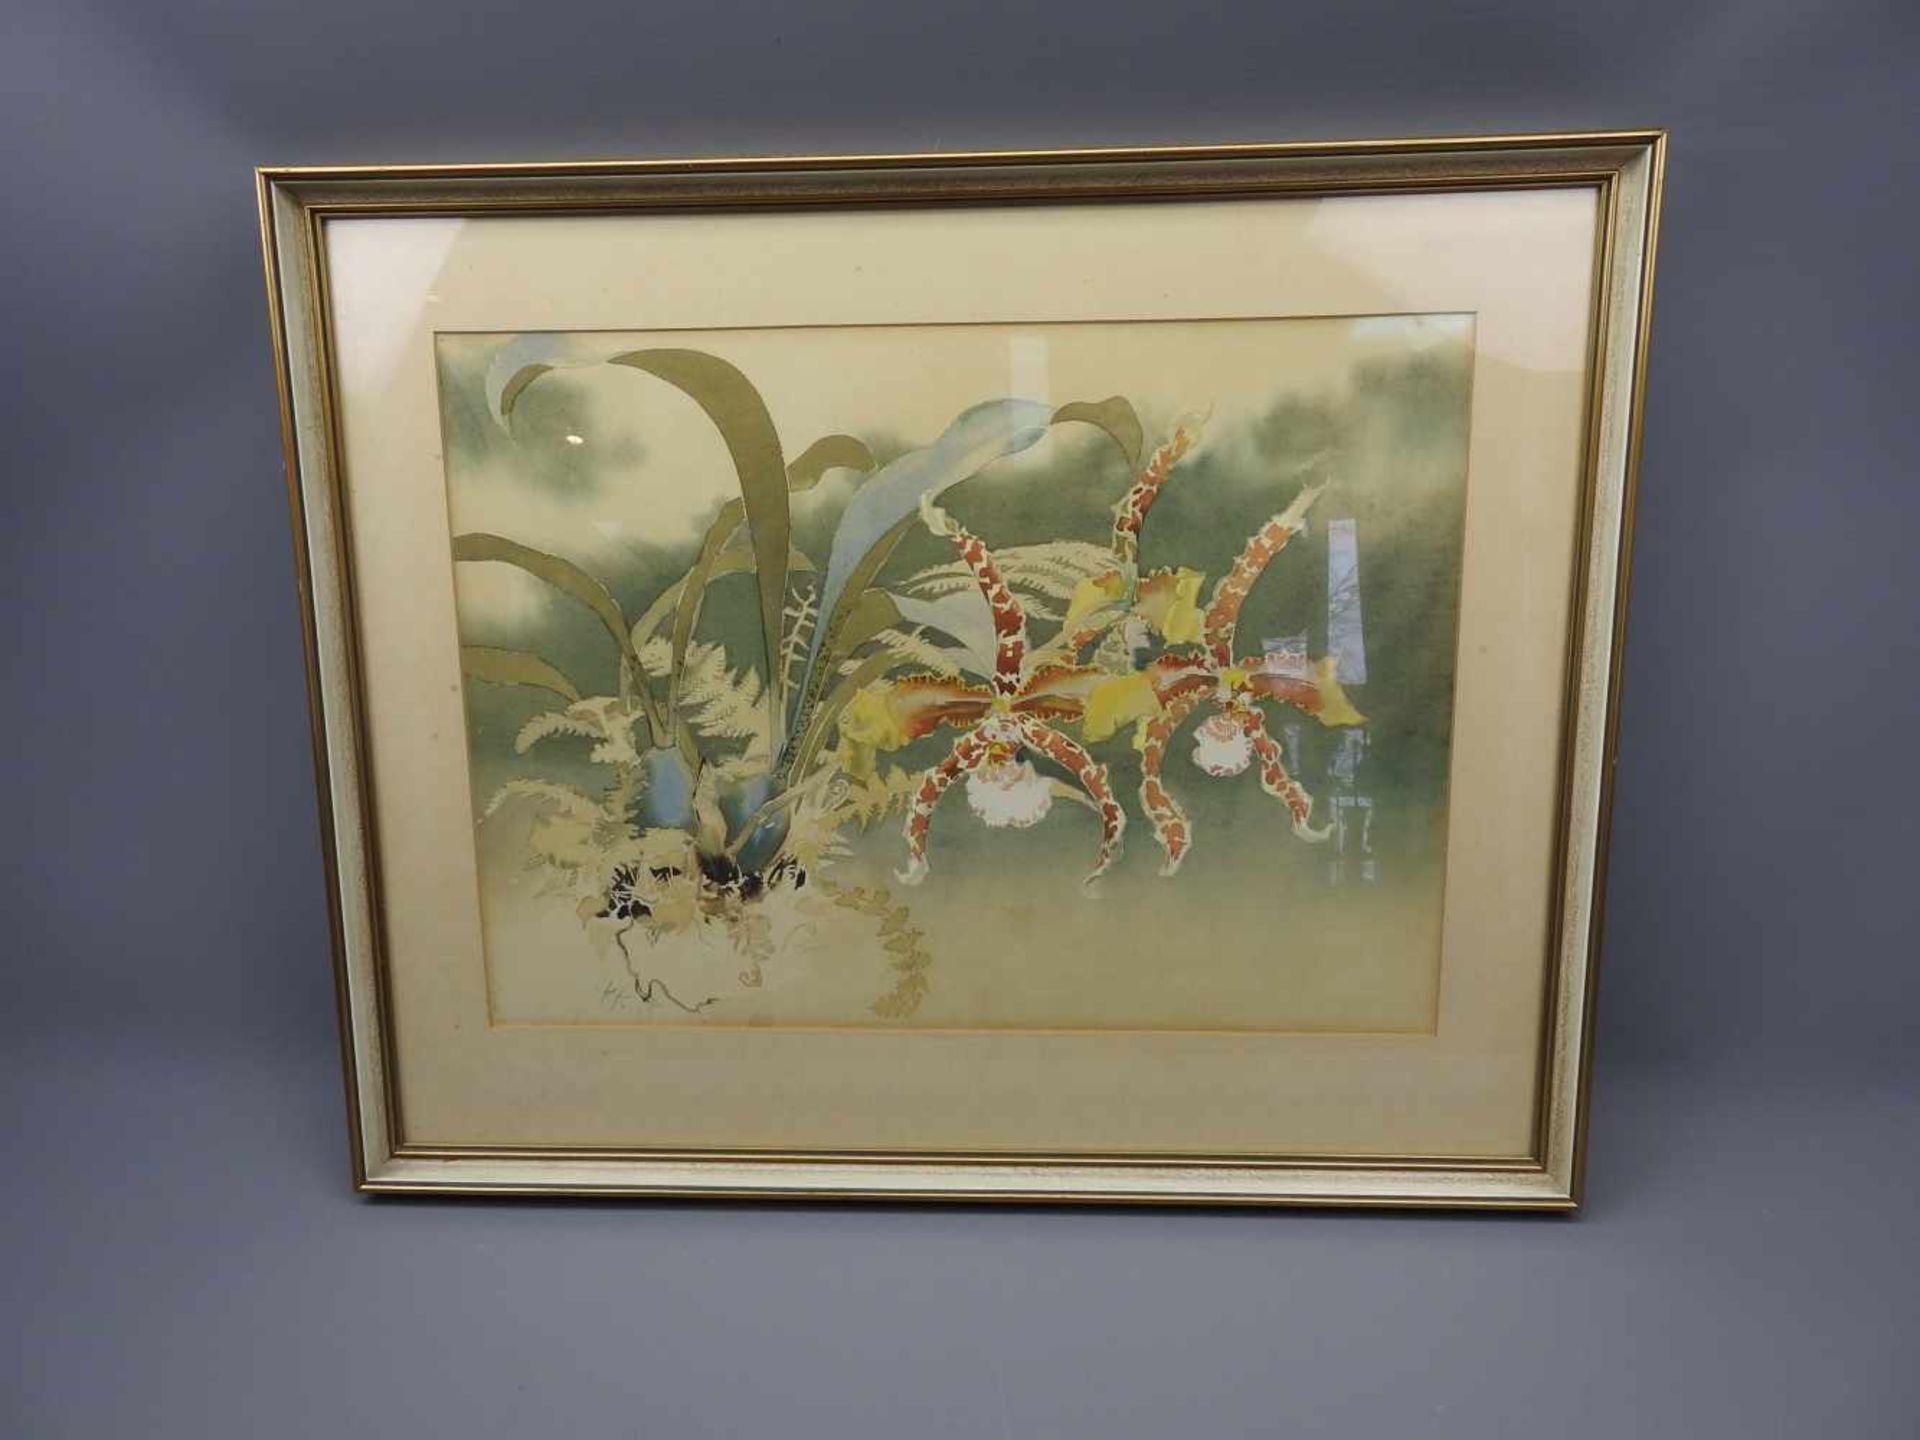 Wilde AmaryllisAquarell, Bleistift/Papier. Feines Aquarell mit Blüten, Farnen und Blumenzwiebeln. - Bild 2 aus 2